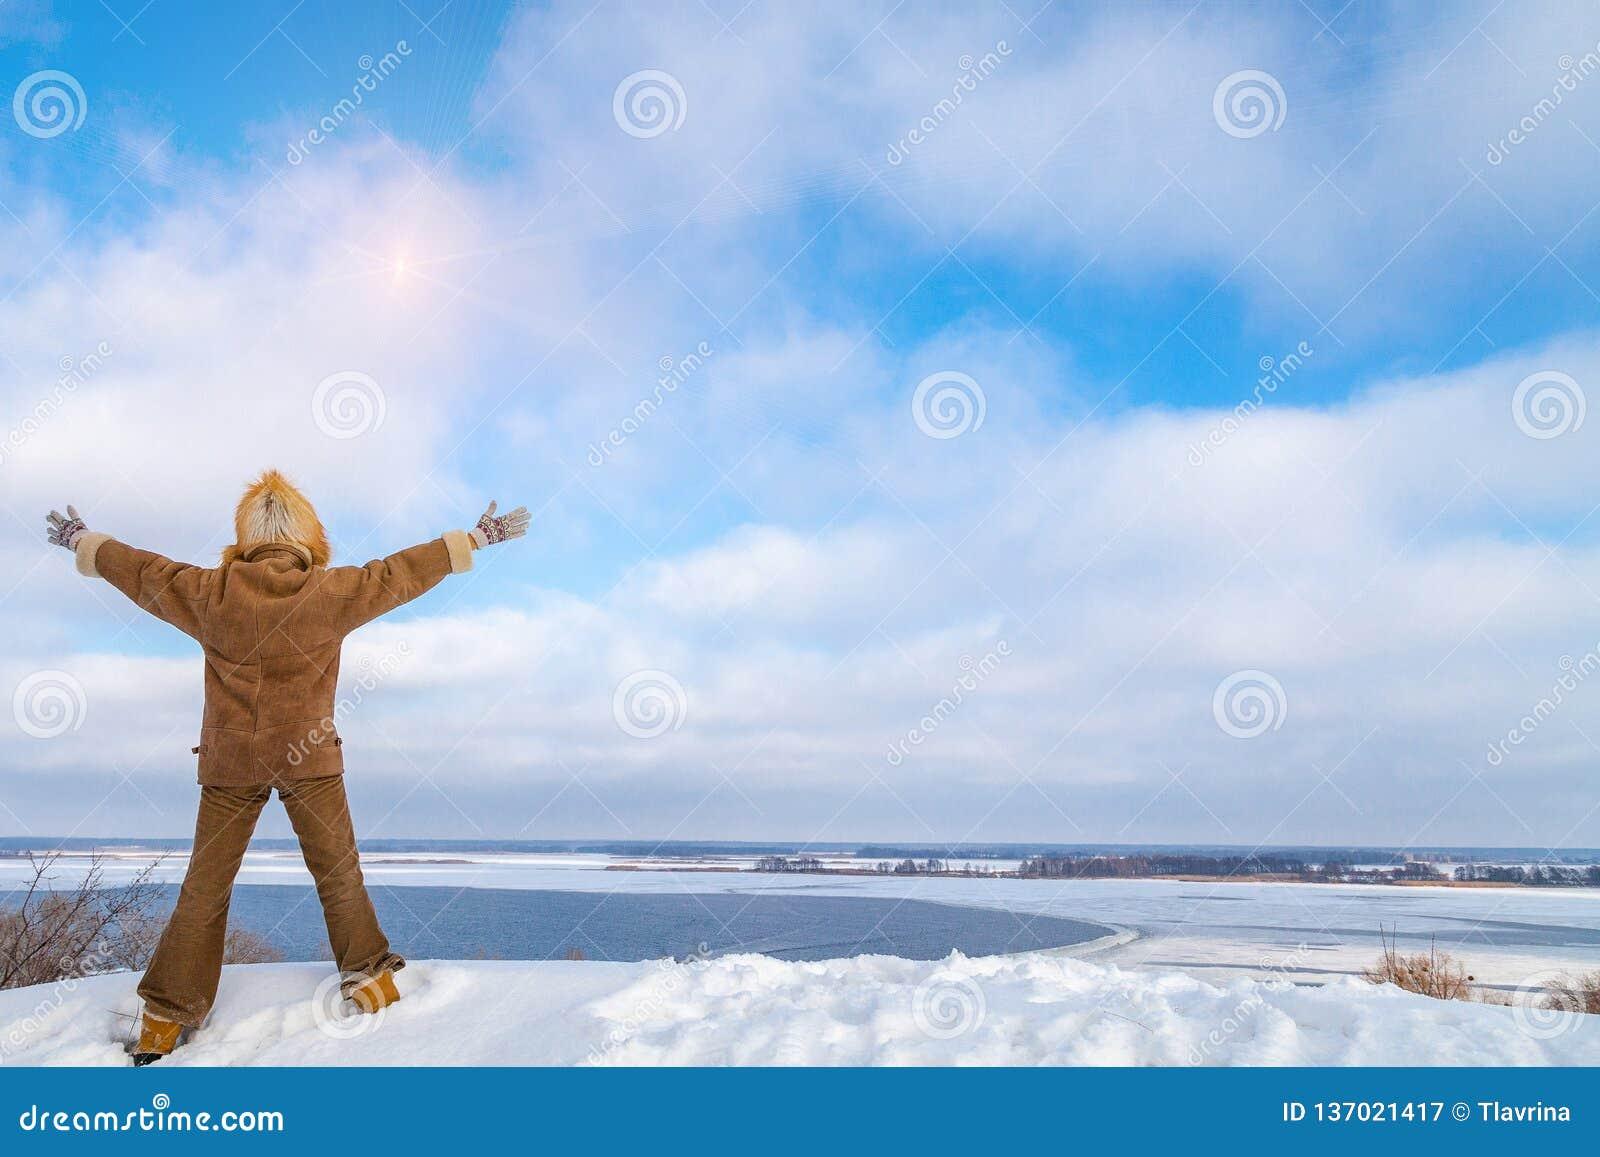 Η ευτυχής χαρούμενη οπίσθια σκιαγραφία γυναικών στο σακάκι γουνών και μισεί